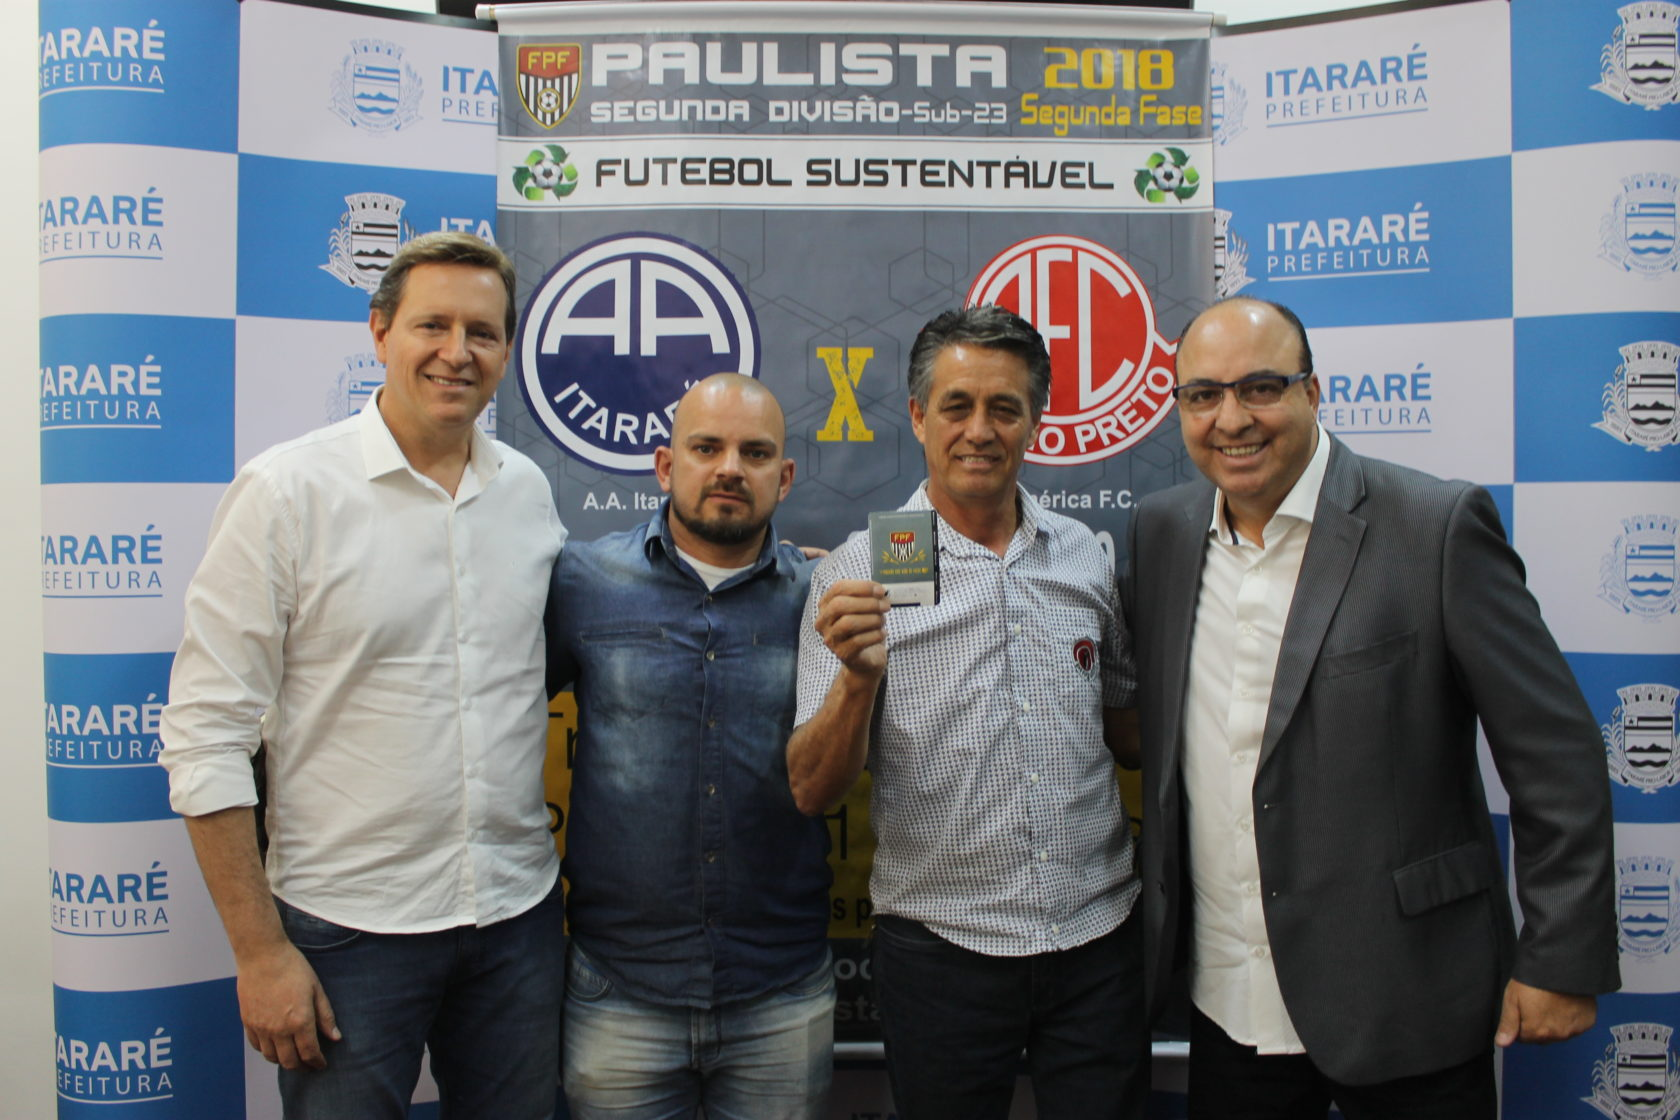 Em parceria com a FPF, prefeito de Itararé (SP) lança projeto 'Futebol Sustentável'